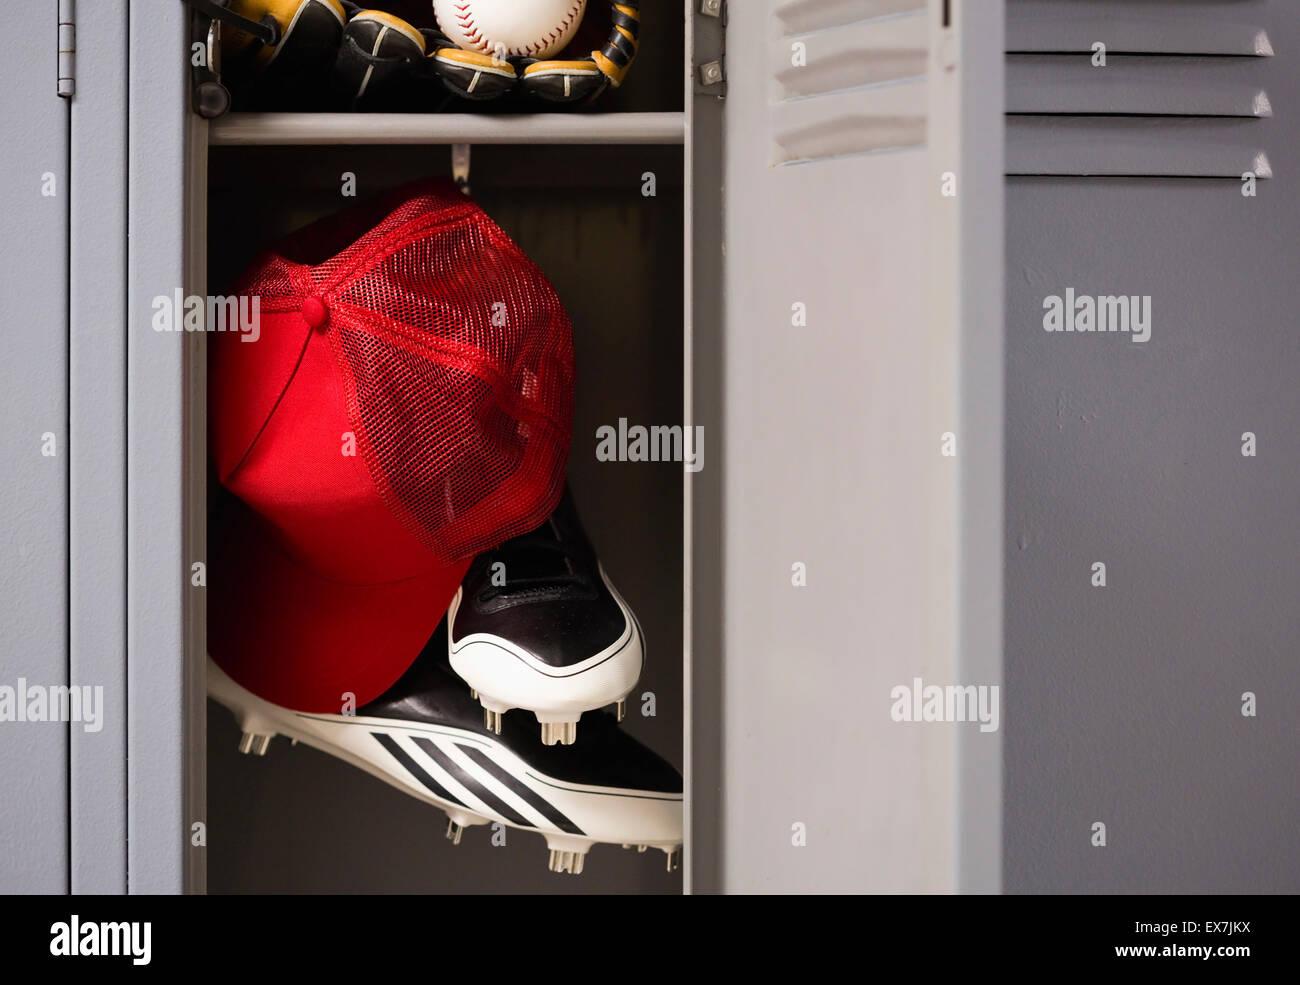 Los equipos de béisbol en el cofre Imagen De Stock